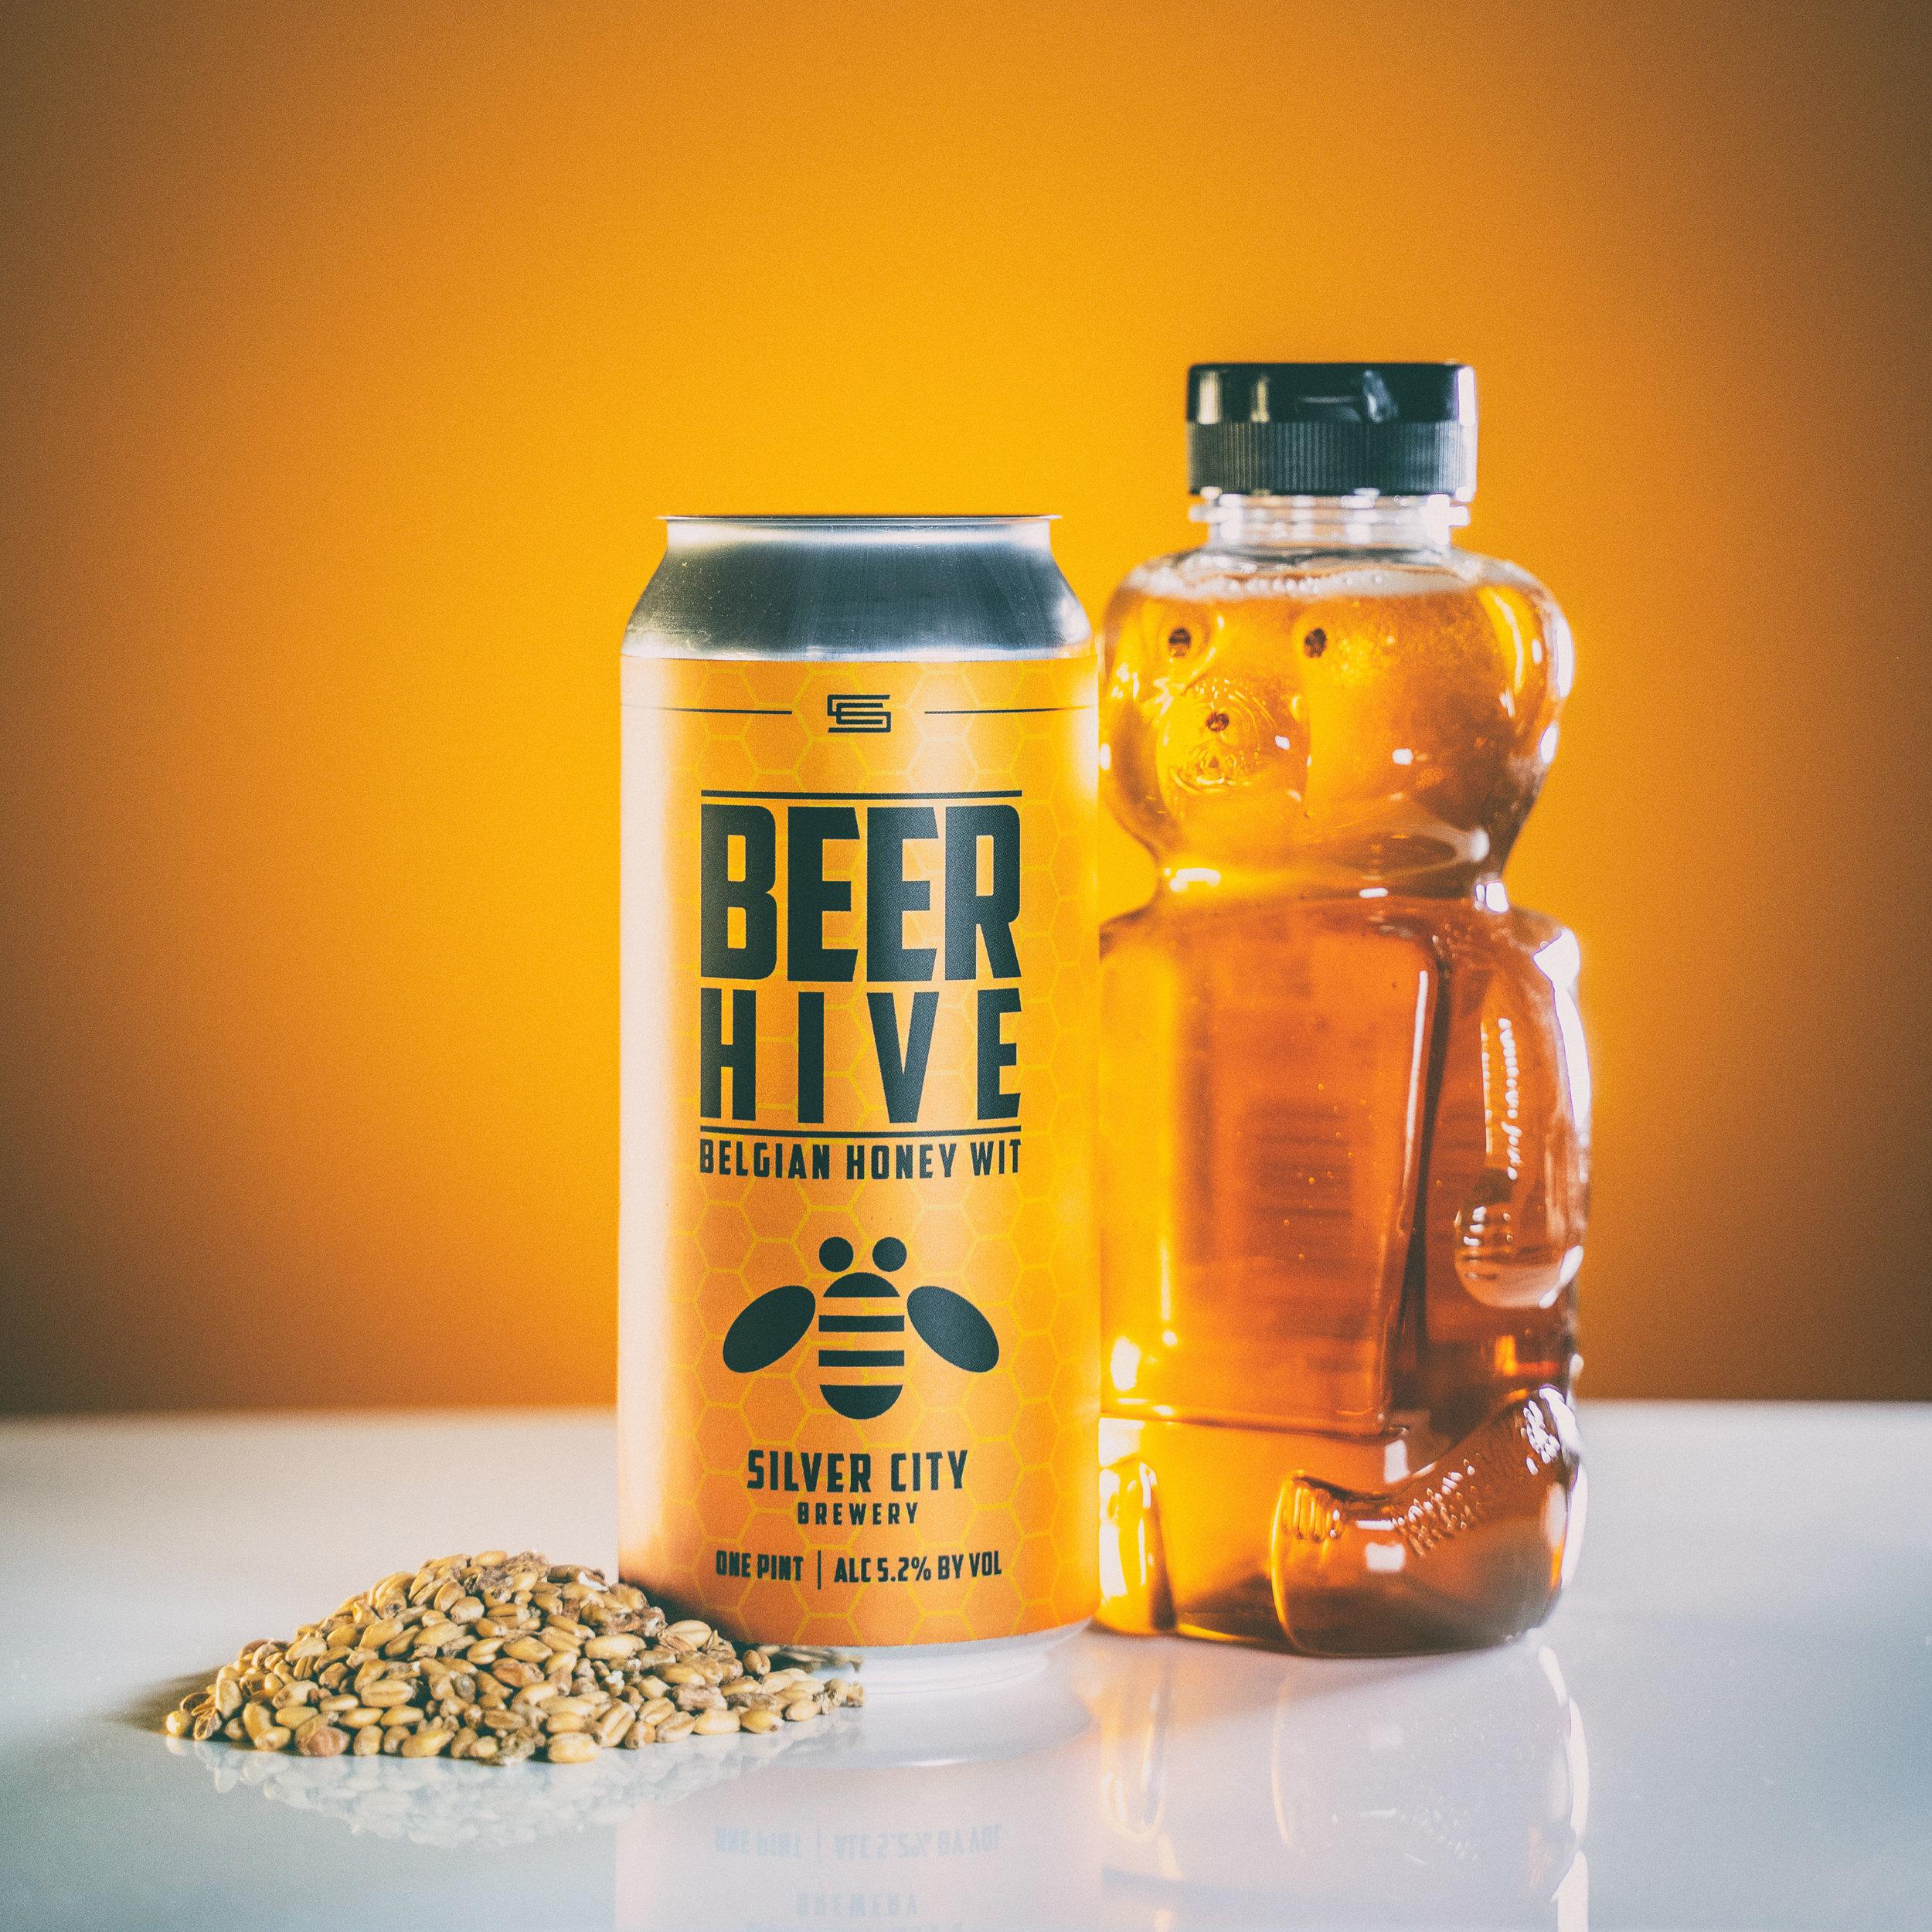 beer-hive-poster.jpg